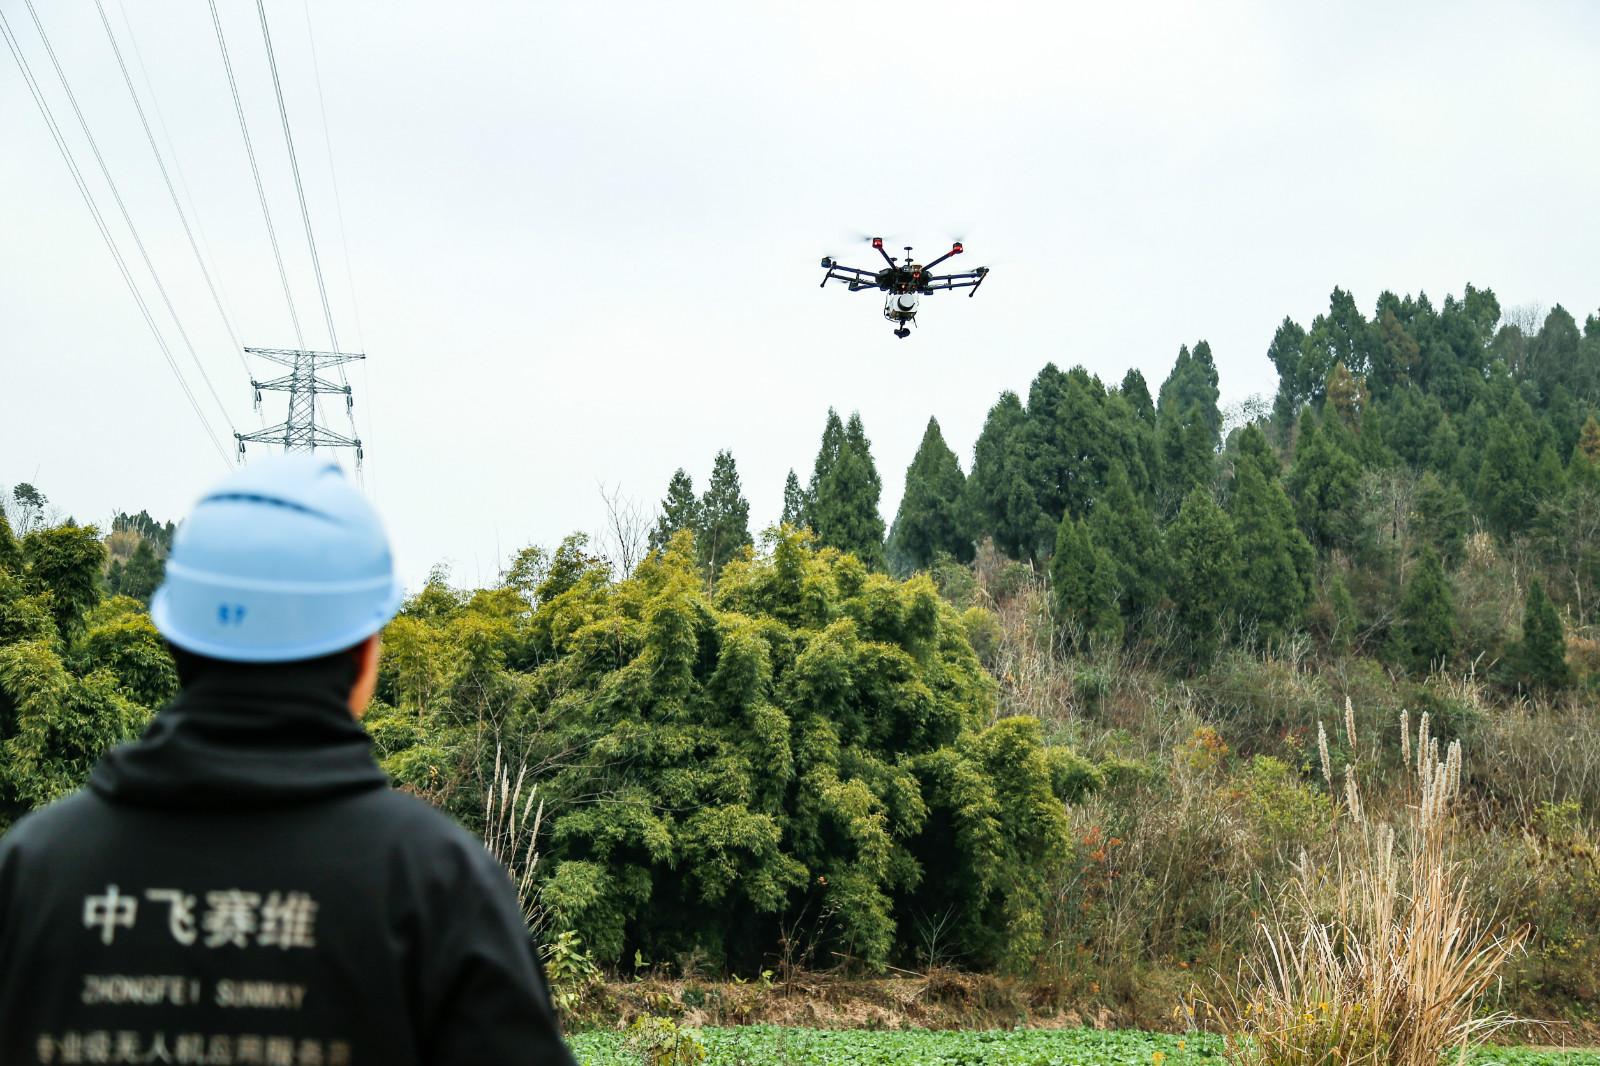 中兴通讯与中飞赛维联手打造5G无人机电力巡检应用示范